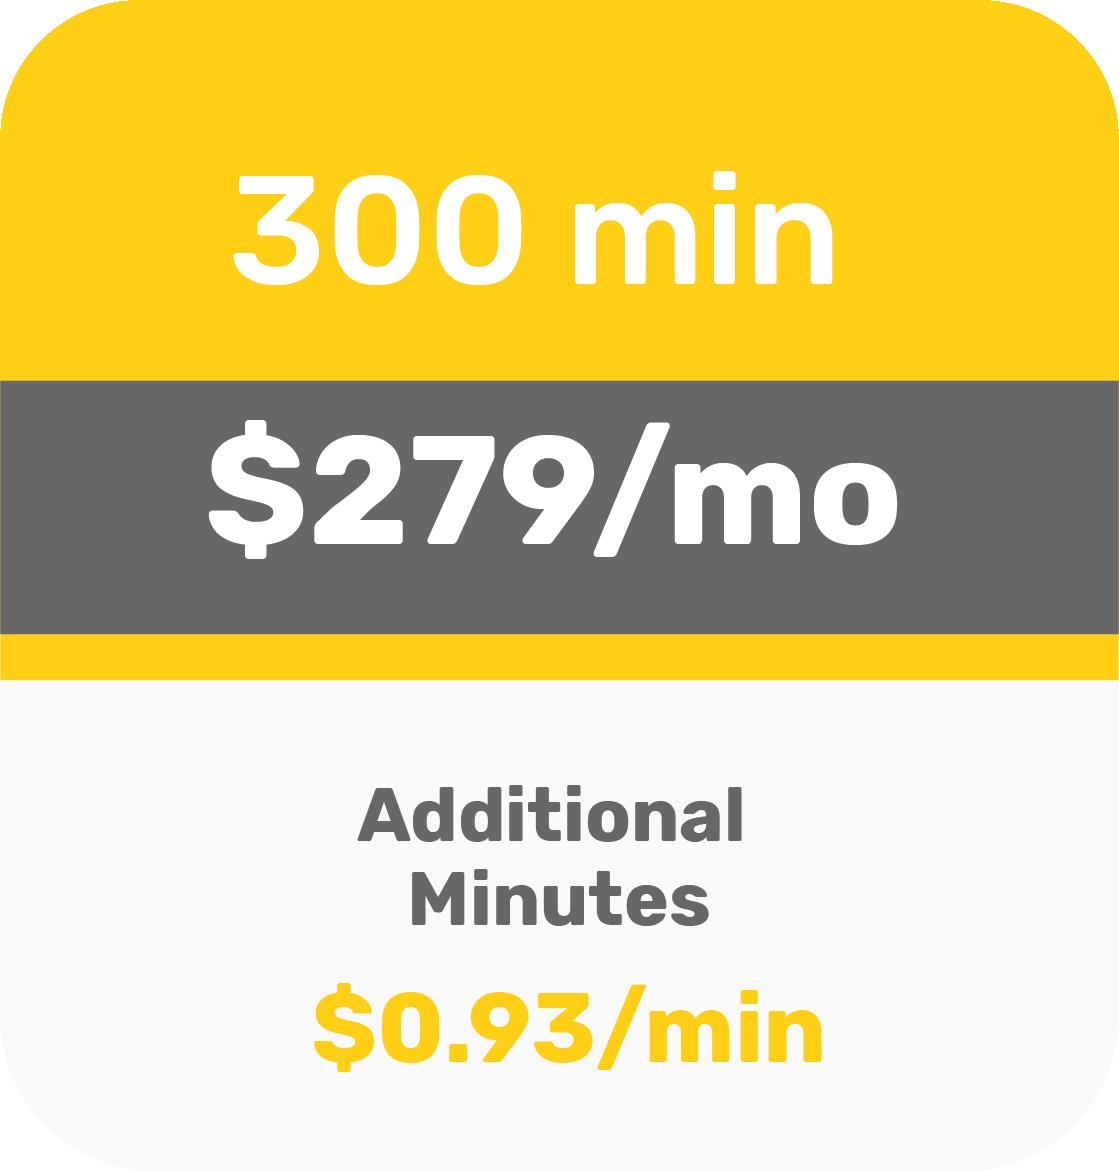 300 min - $279 per month